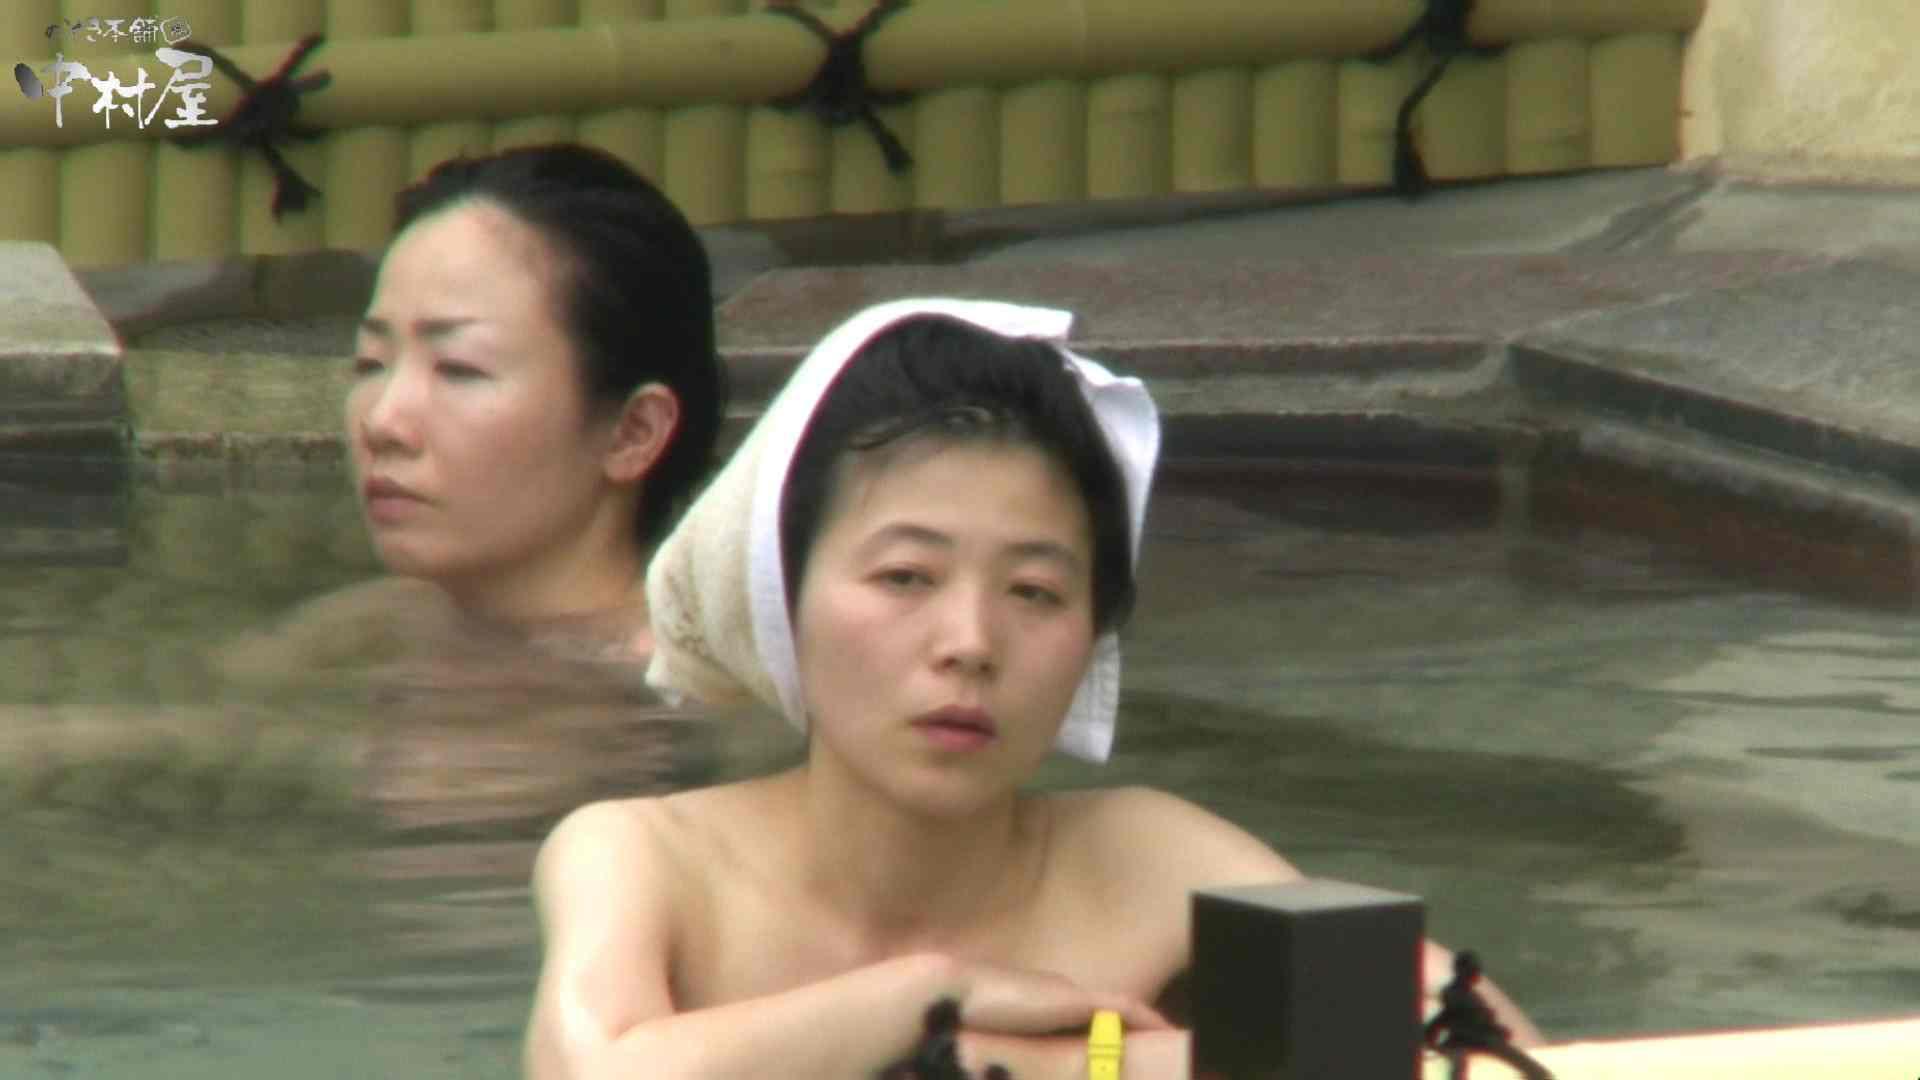 Aquaな露天風呂Vol.950 OLセックス 盗撮AV動画キャプチャ 61画像 41